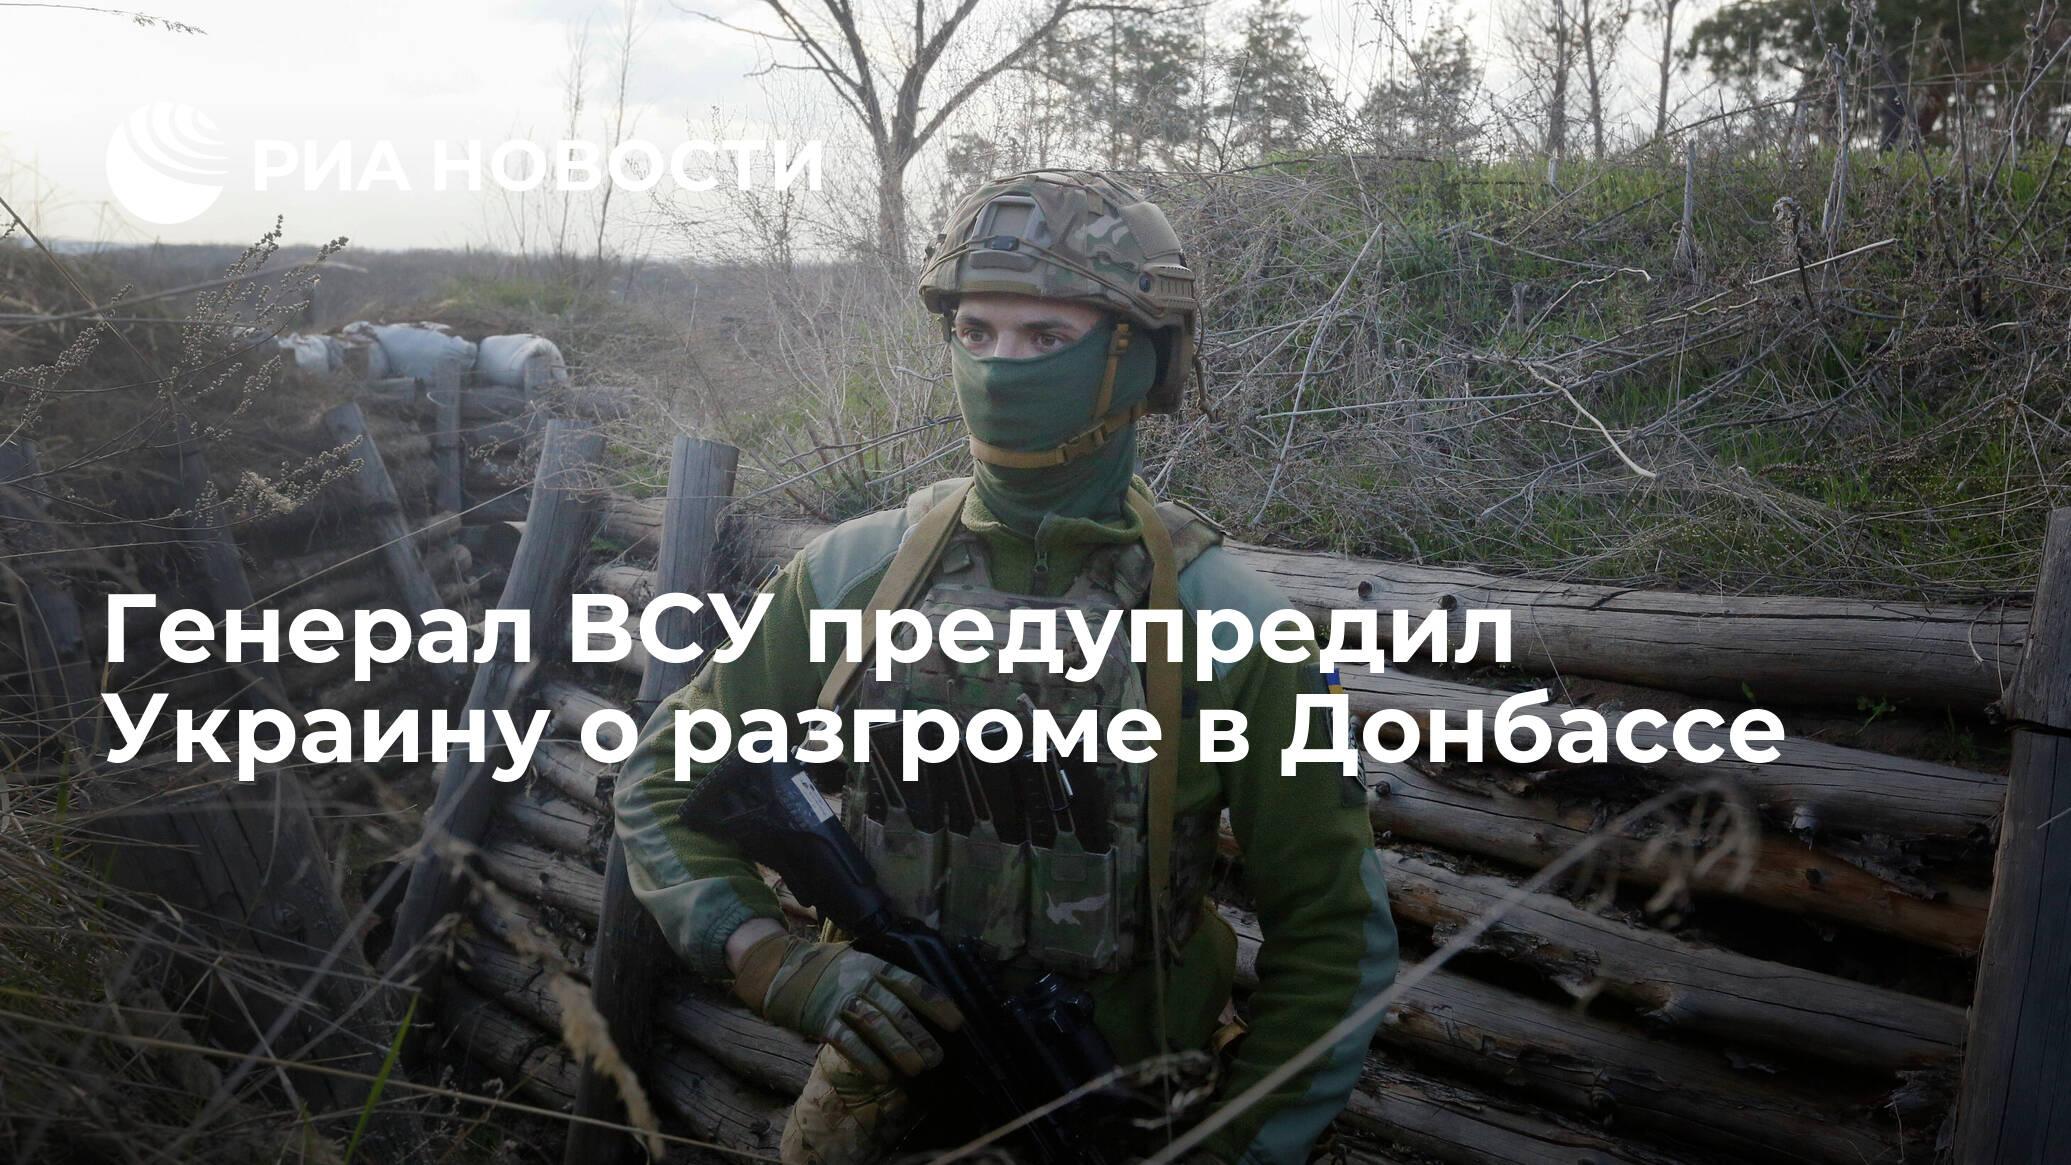 Генерал ВСУ предупредил Украину о разгроме в Донбассе